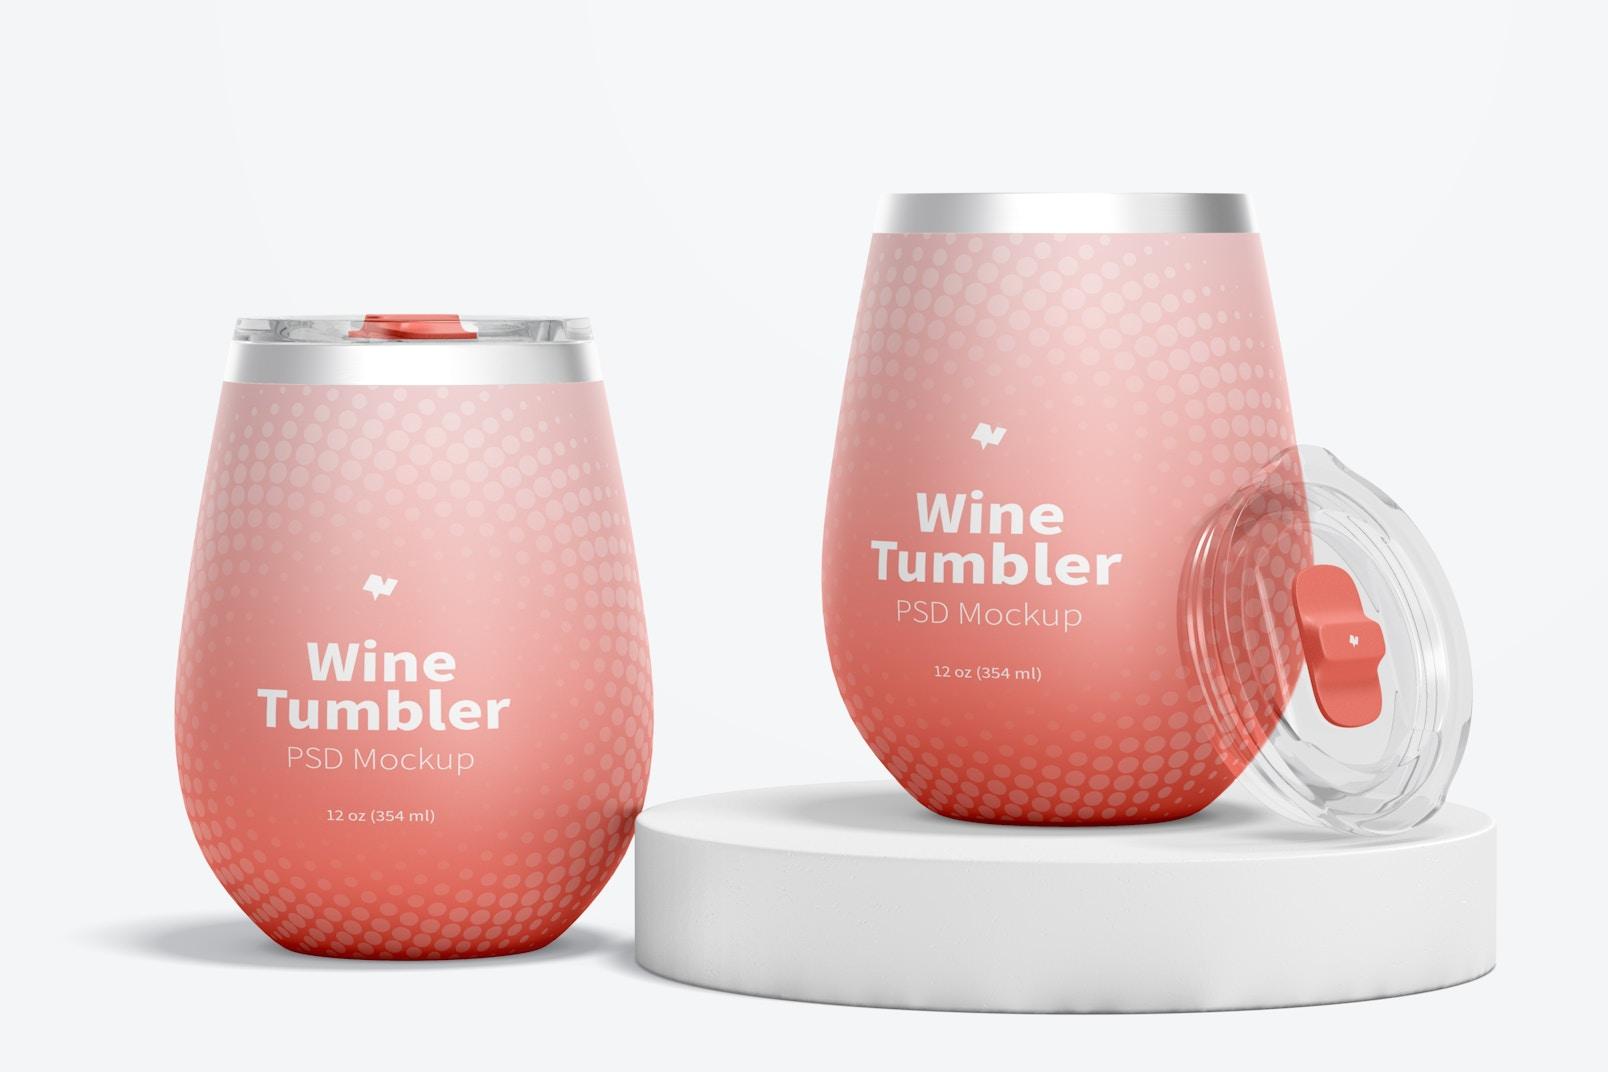 12 oz Wine Tumblers Mockup, Perspective